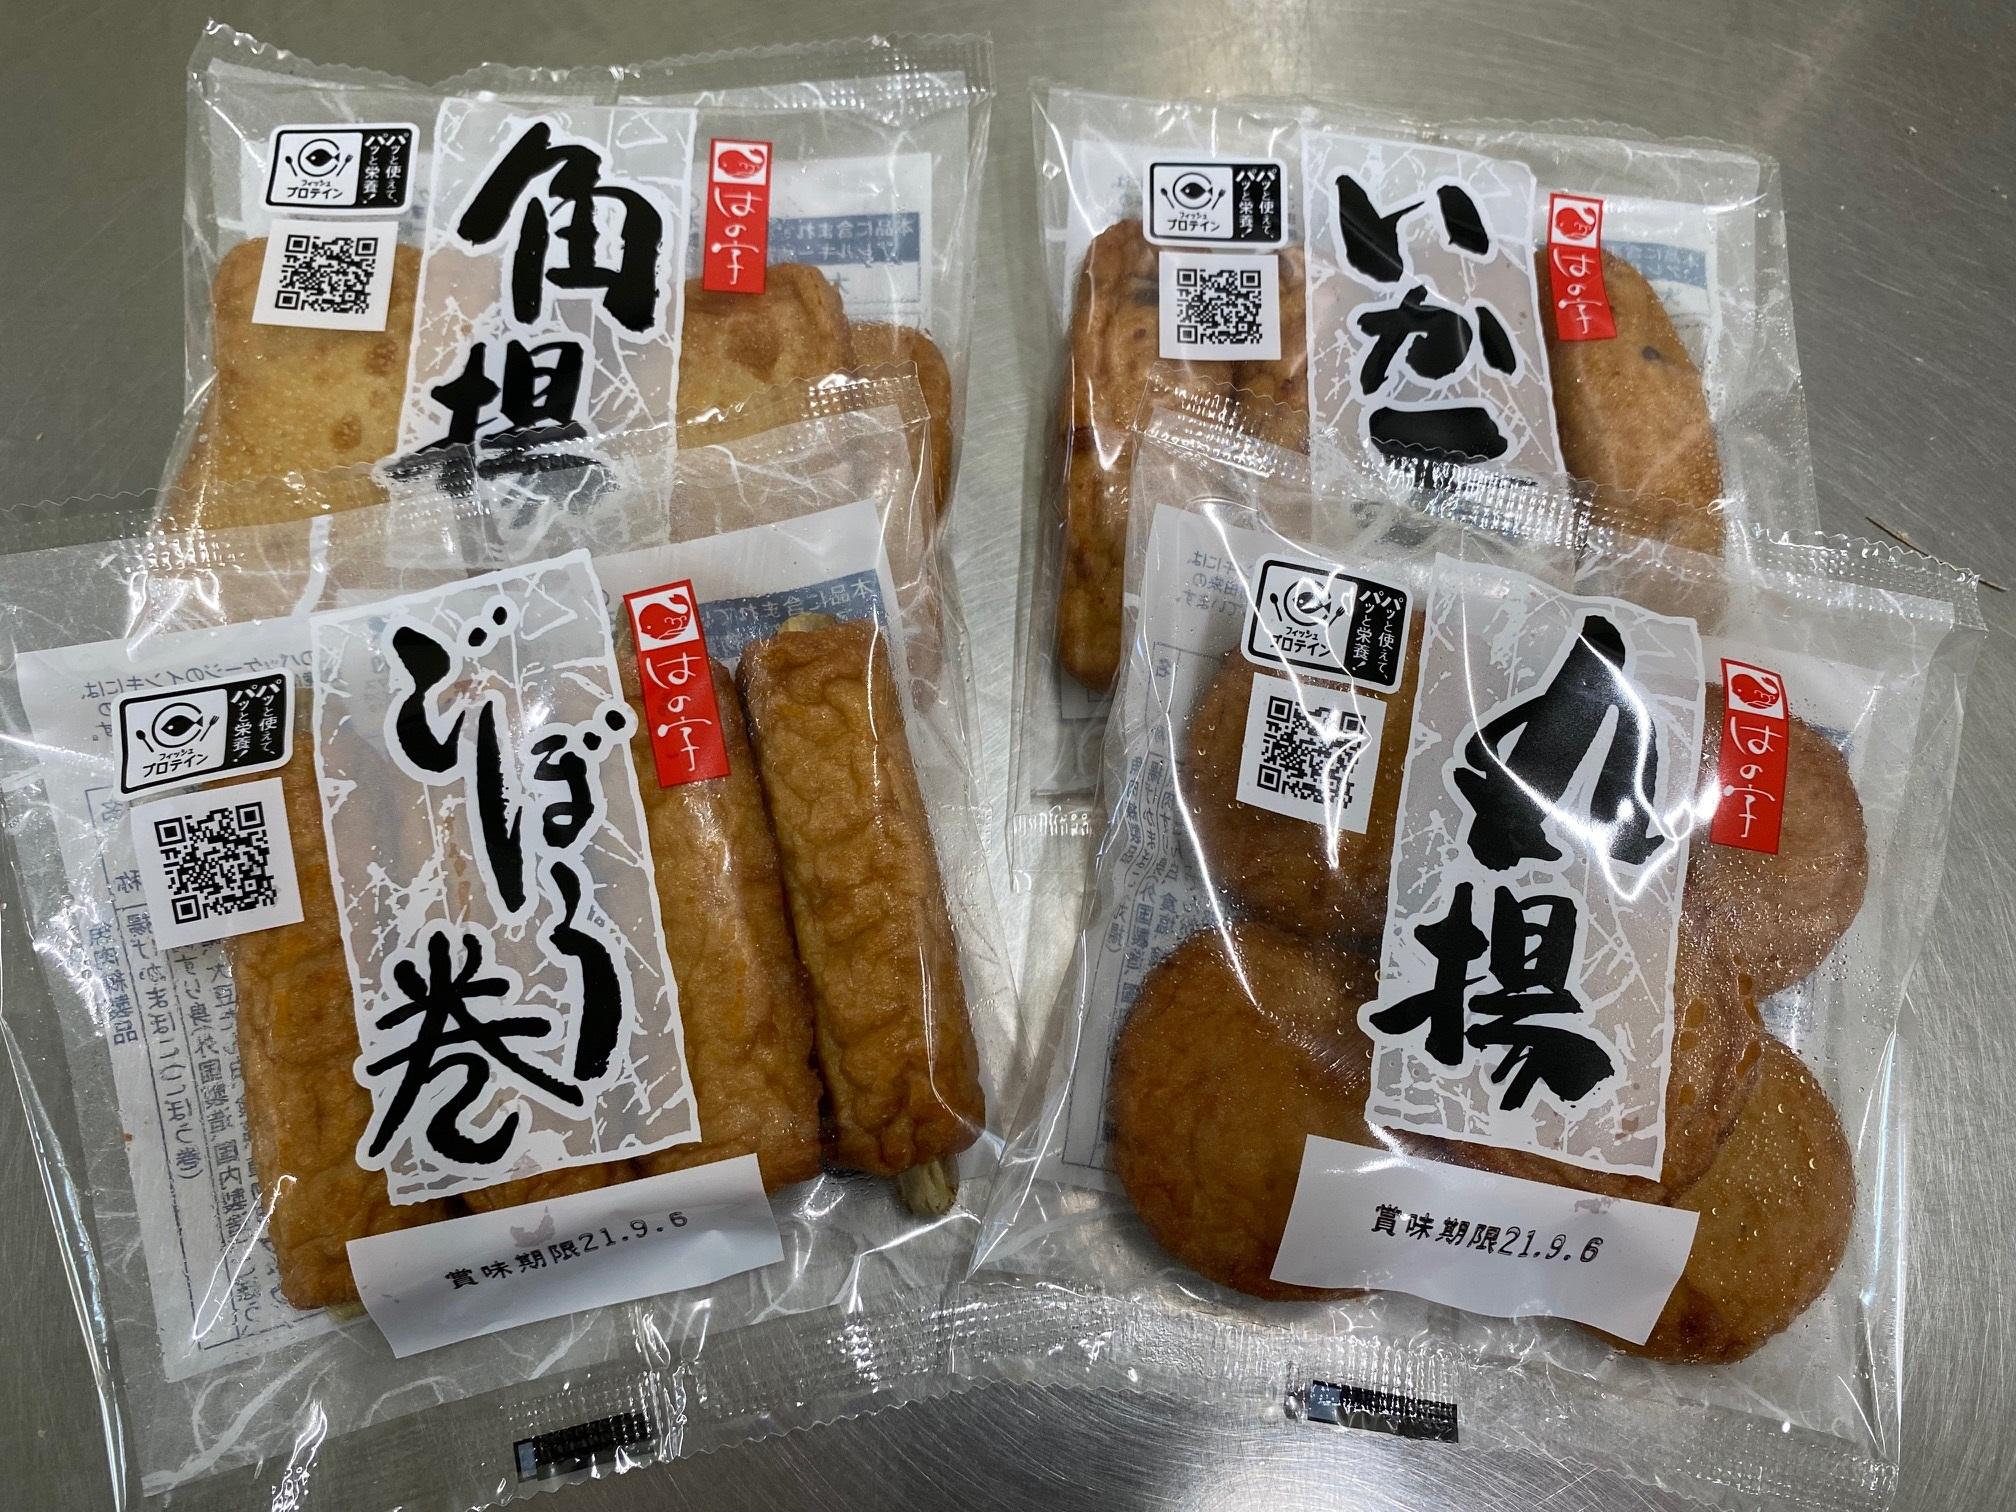 【お知らせ】小売店様向けのおでん種商品「小袋」のデザインが変わります!